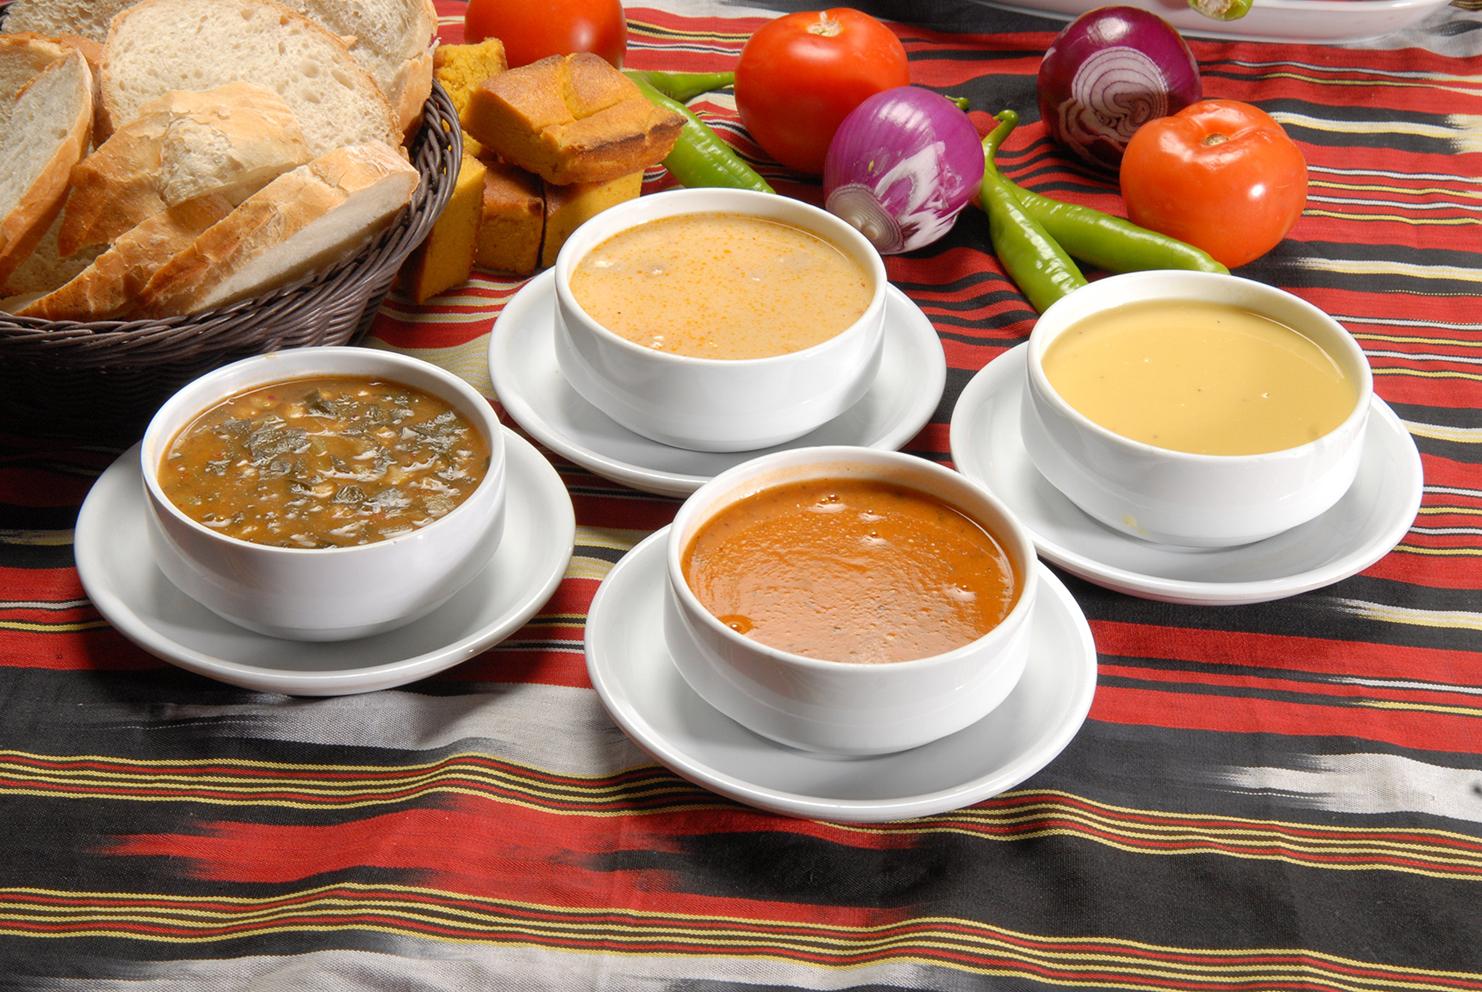 Yemeklerden önce çorba içmek